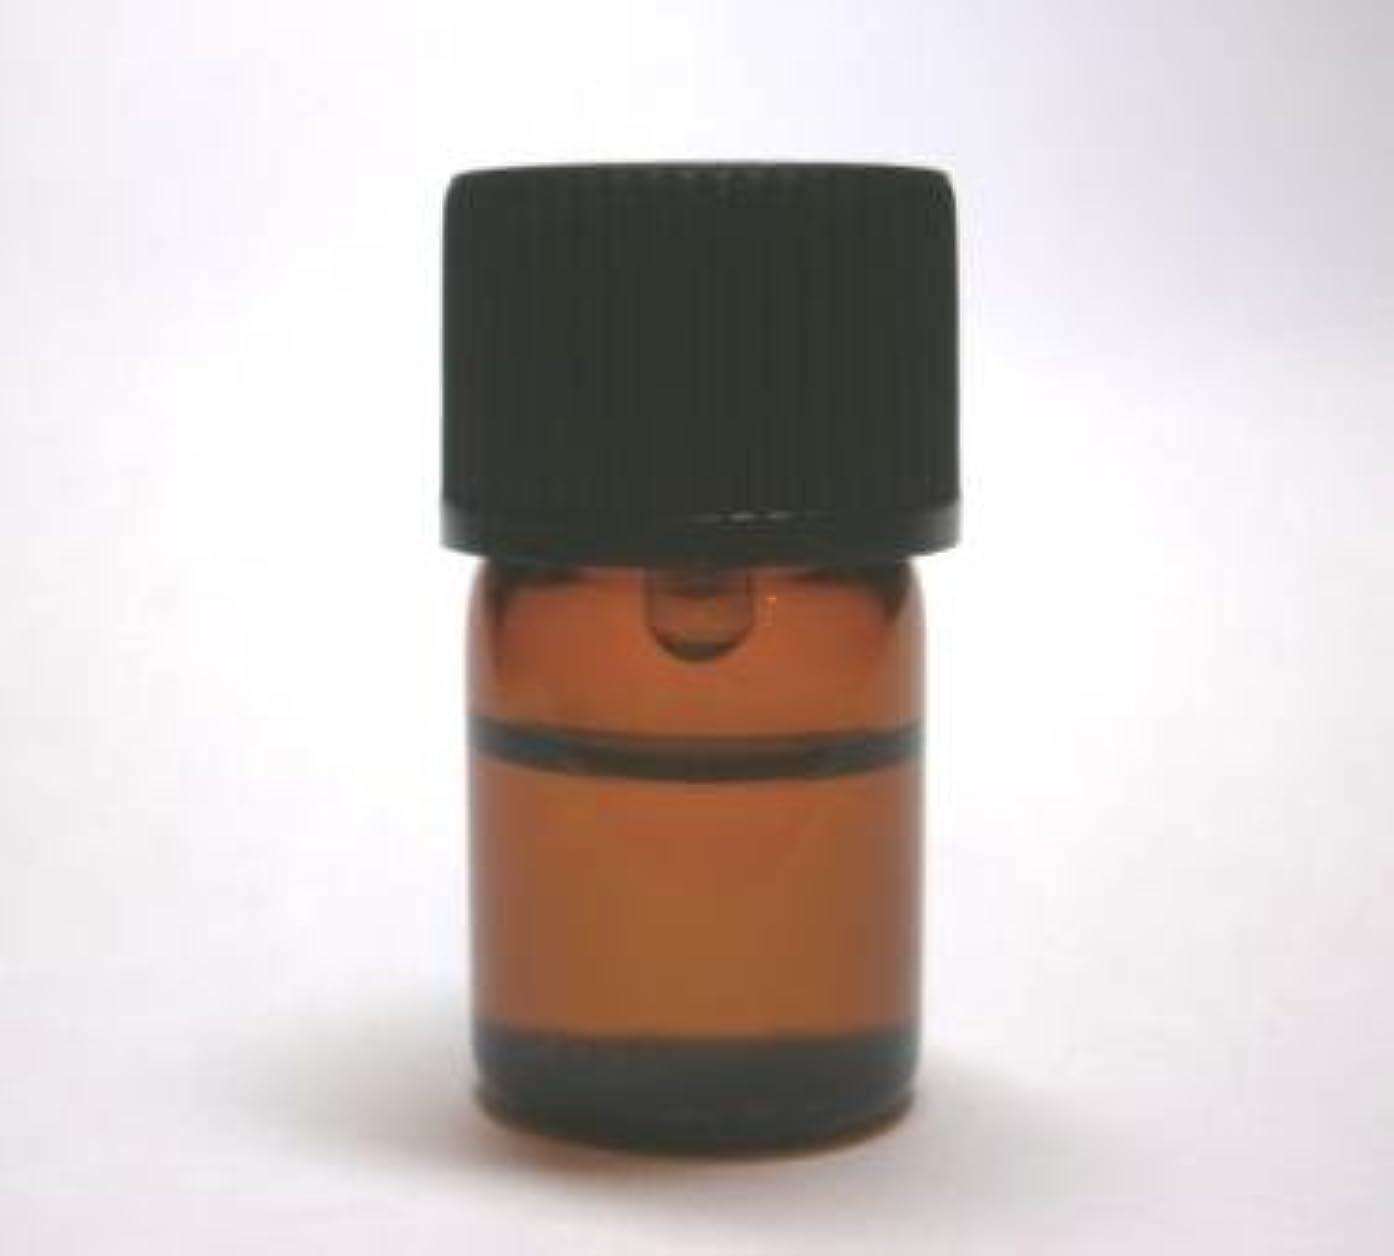 屋内で克服する節約カモミール?ローマン3ml/エッセンシャルオイルカモミール:100%/精油カモミール